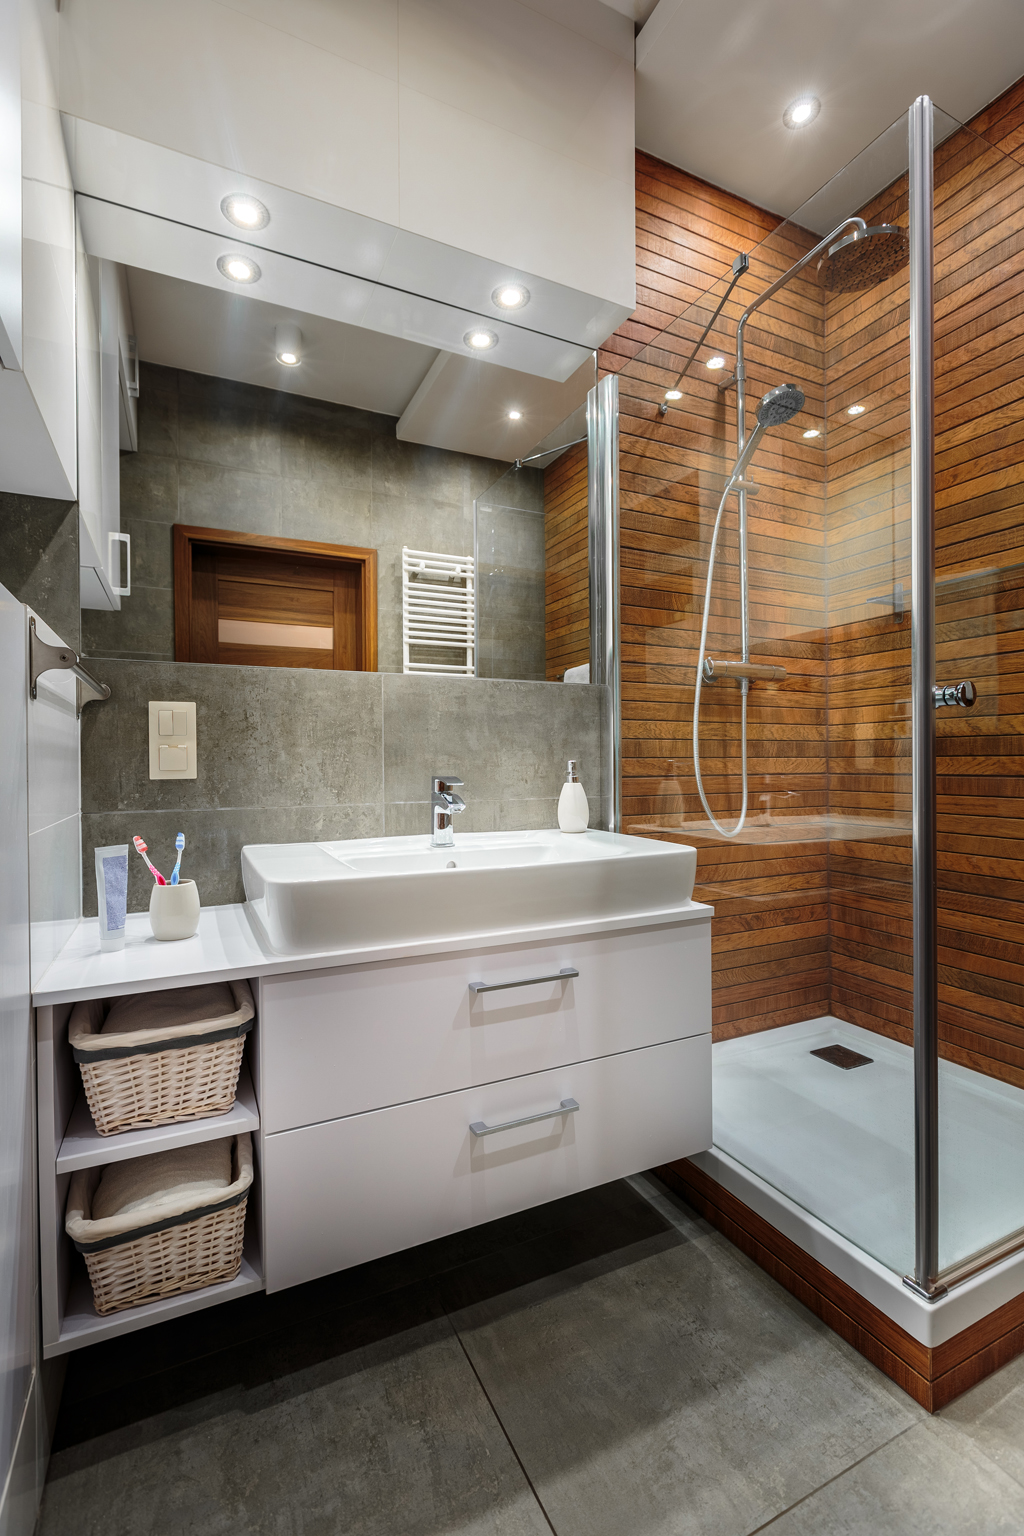 Sprchový kout s dřevěným obložením